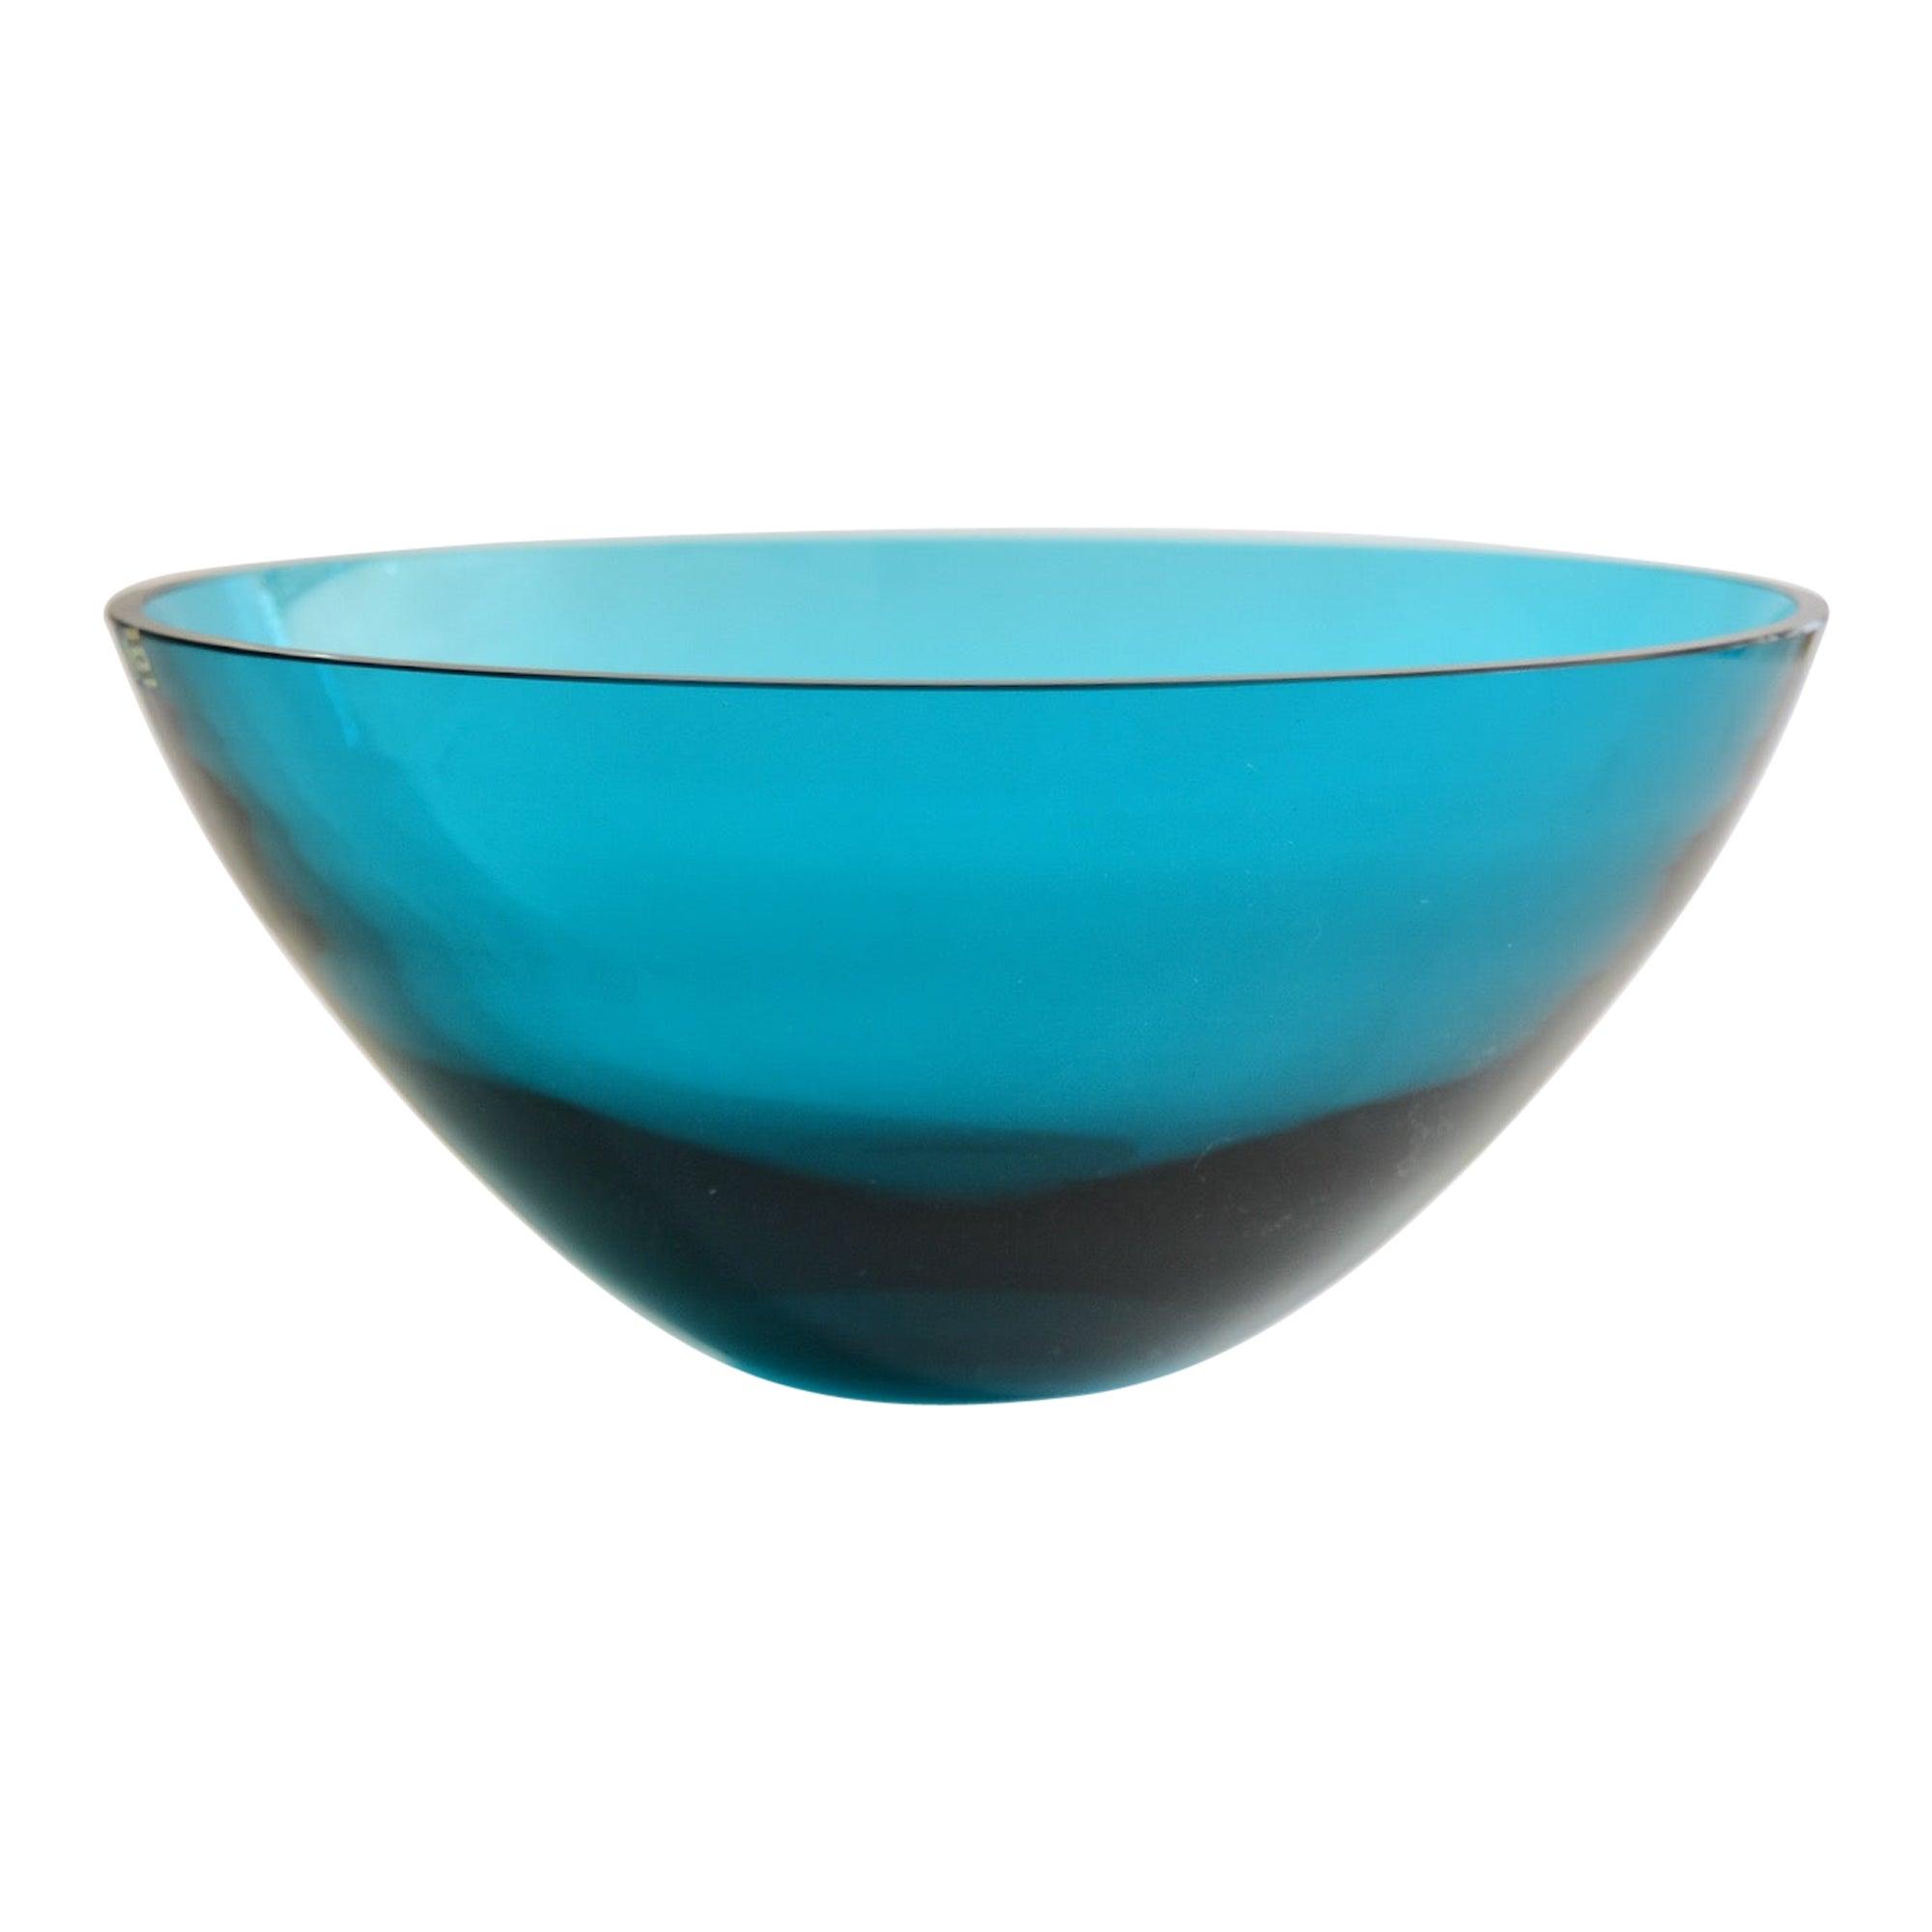 Large Gunnar Ander Modern Art Glass Bowl for Lindshammar Made in Sweden